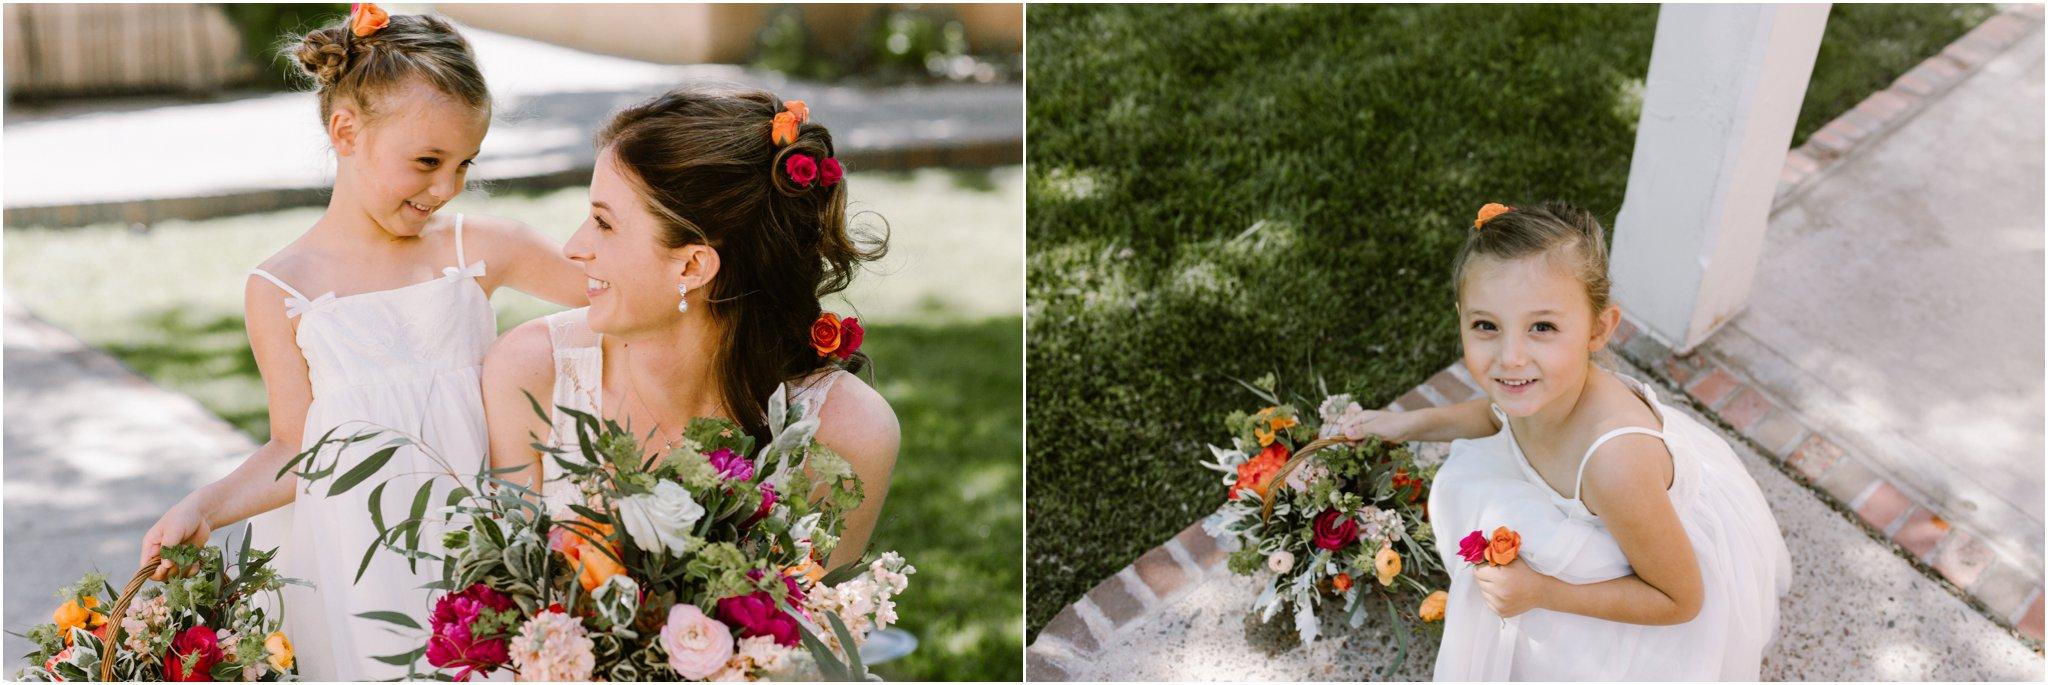 0252Los Poblanos Weddings Blue Rose Photography Studios